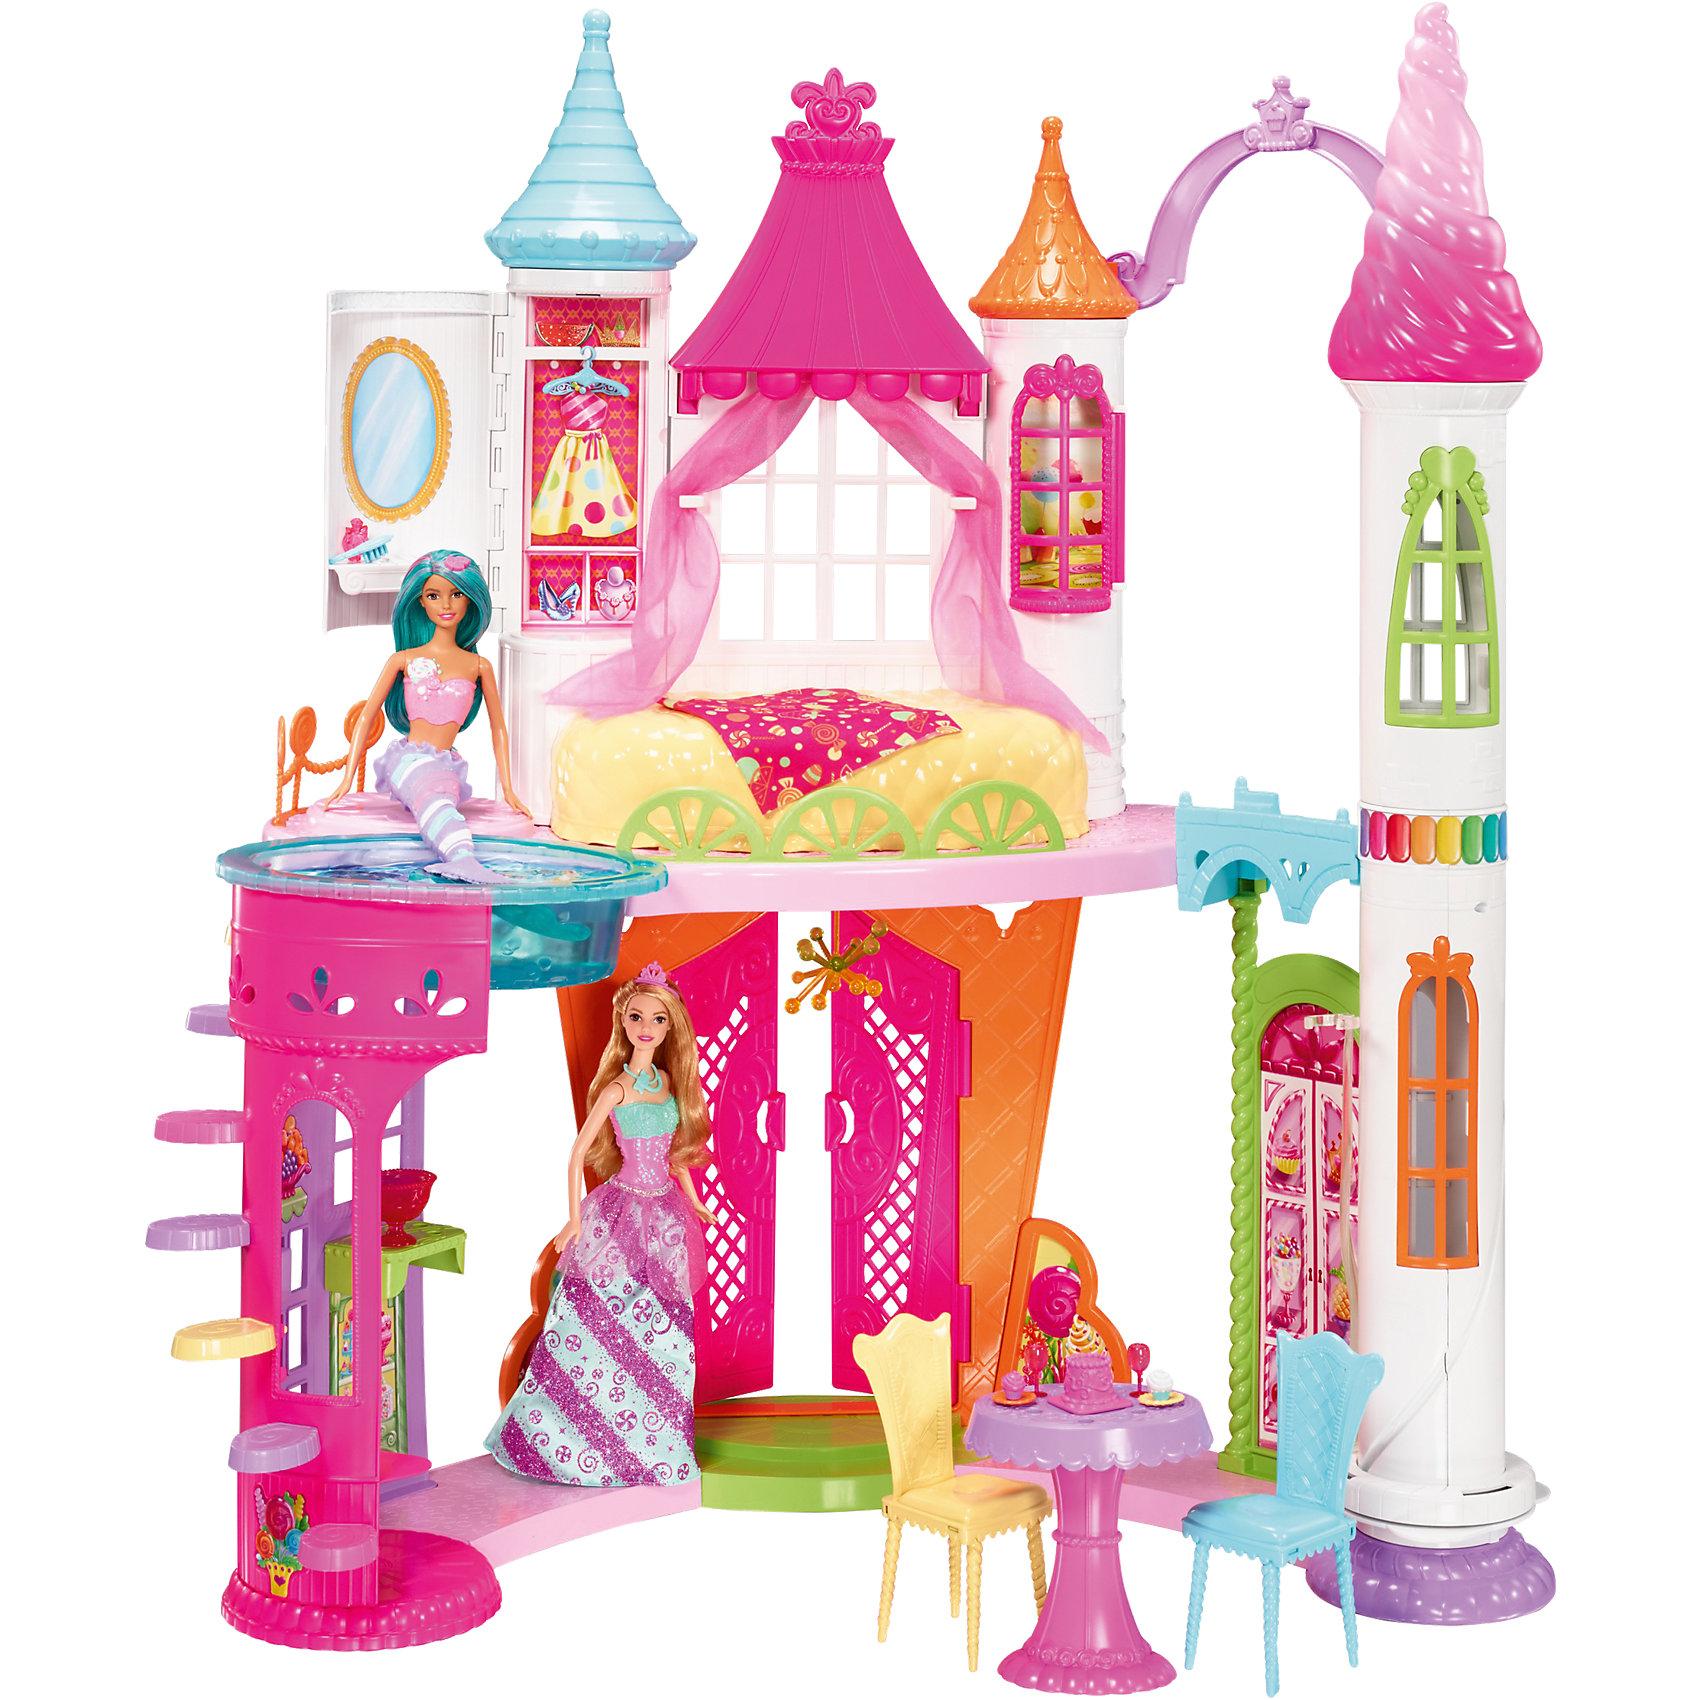 Конфетный дворец BarbieПопулярные игрушки<br><br><br>Ширина мм: 642<br>Глубина мм: 385<br>Высота мм: 190<br>Вес г: 4612<br>Возраст от месяцев: 36<br>Возраст до месяцев: 72<br>Пол: Женский<br>Возраст: Детский<br>SKU: 6739675